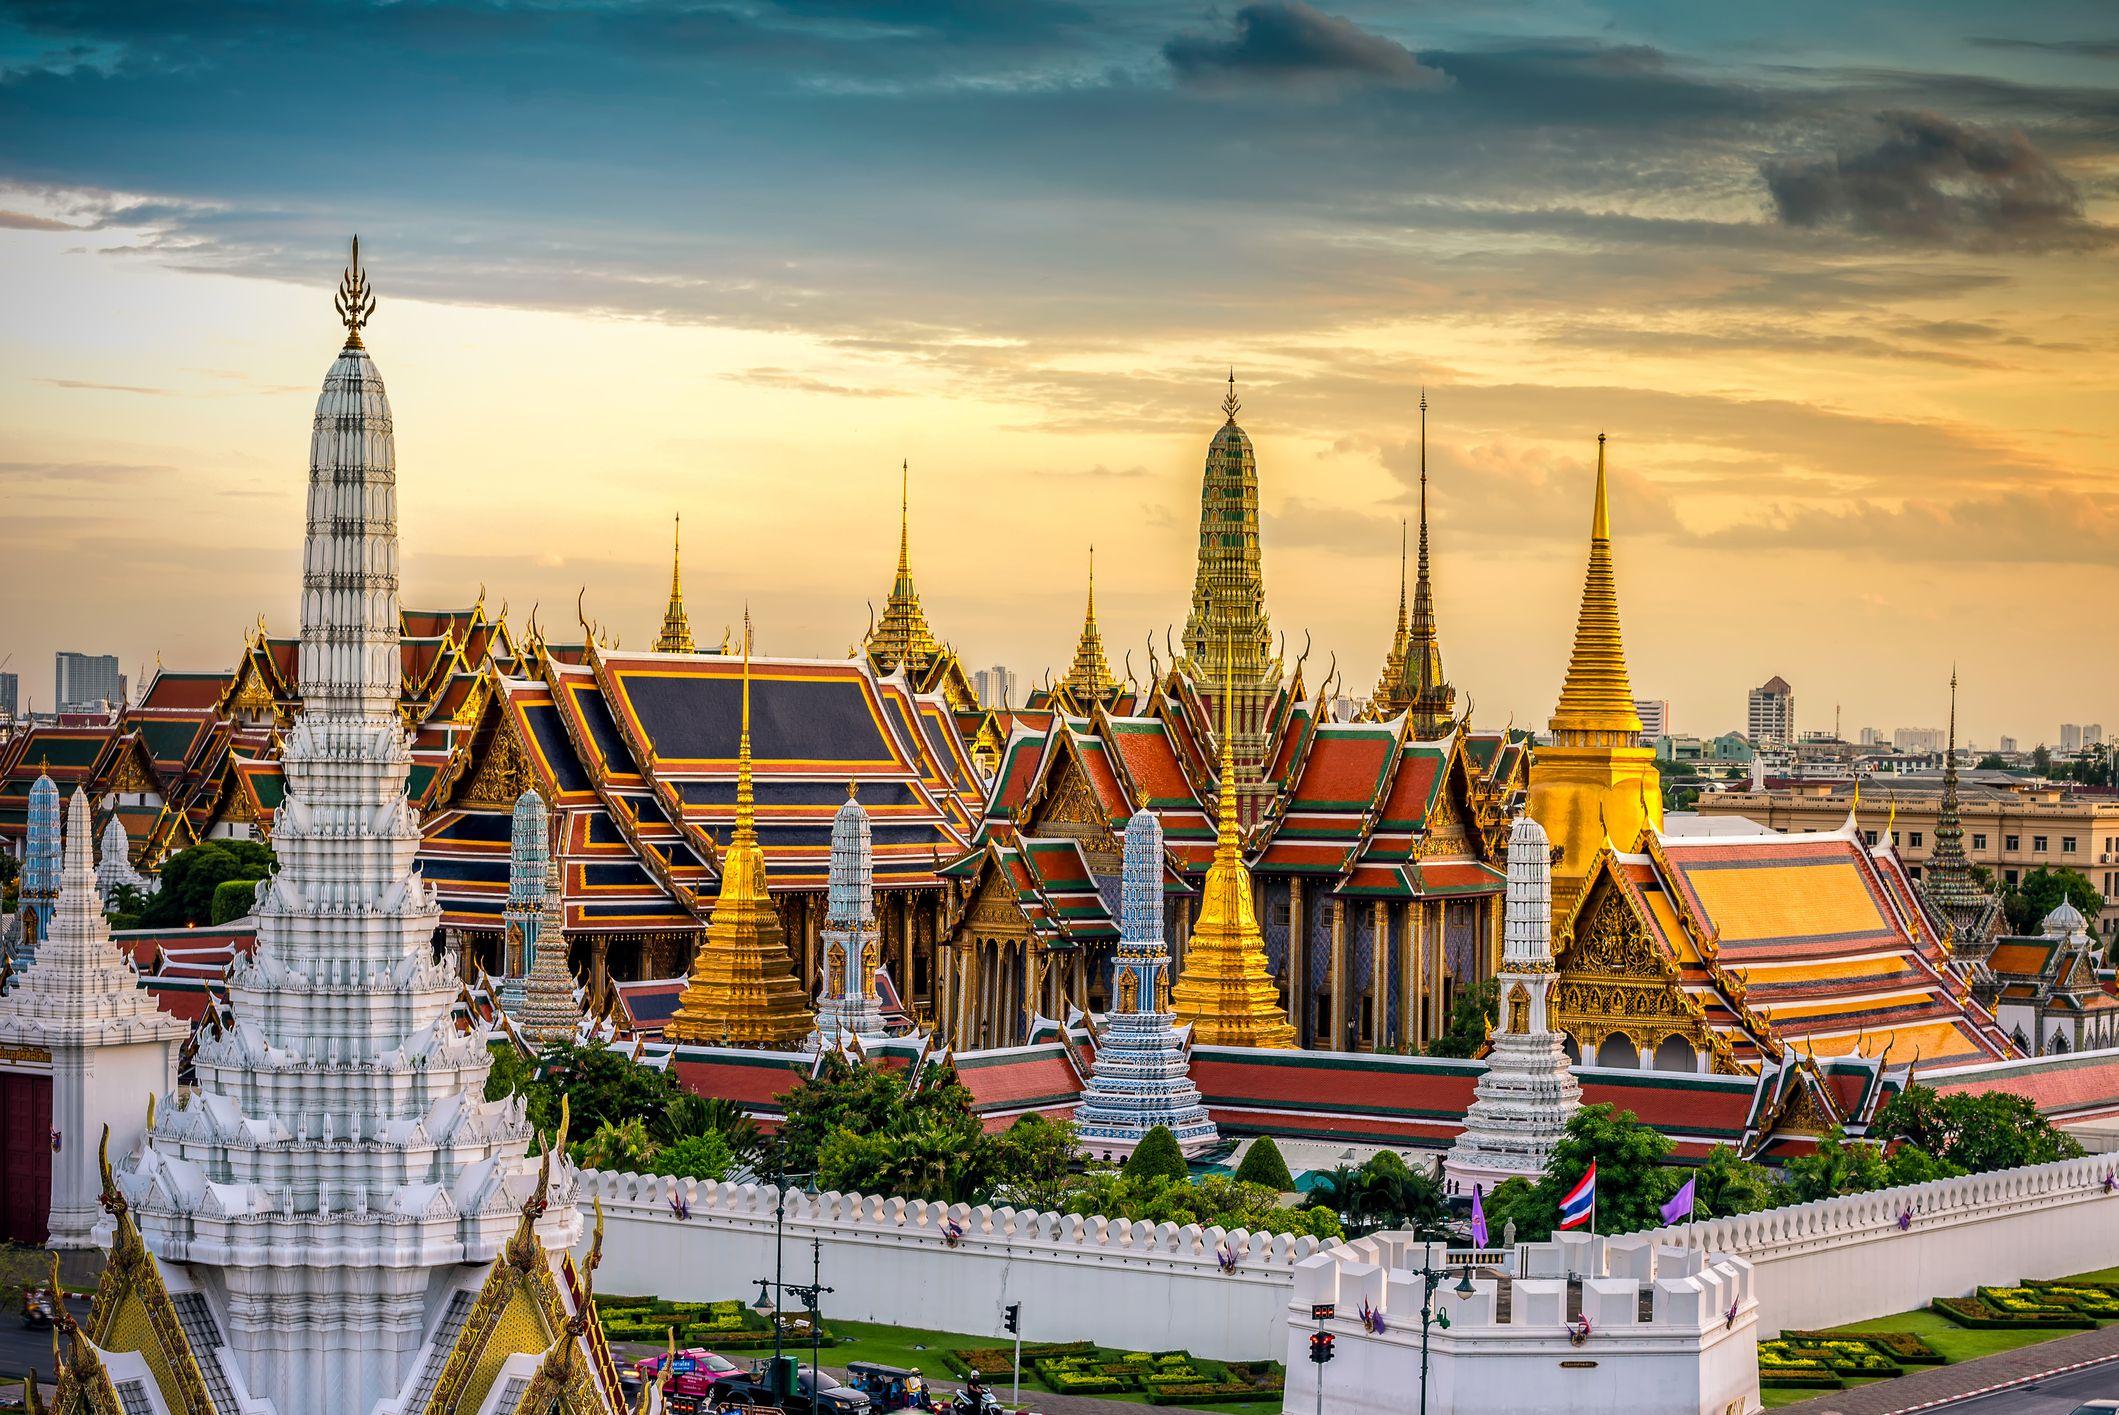 Emerald Buddha and temple in Bangkok